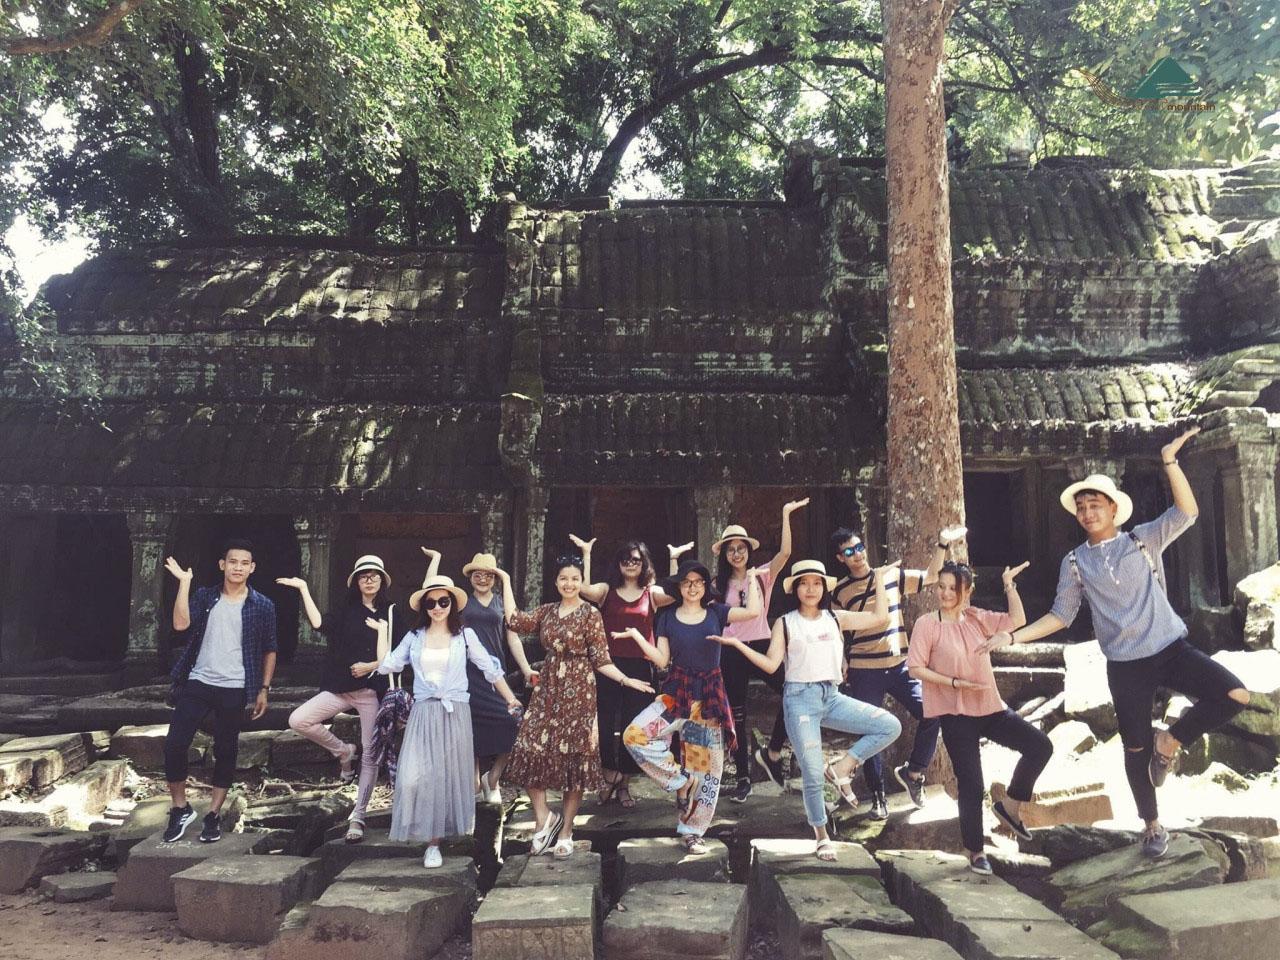 Tour Du Lịch Campuchia 4 Ngày 3 Đêm Tết Âm Lịch 2019 - Vietmountain Travel 6